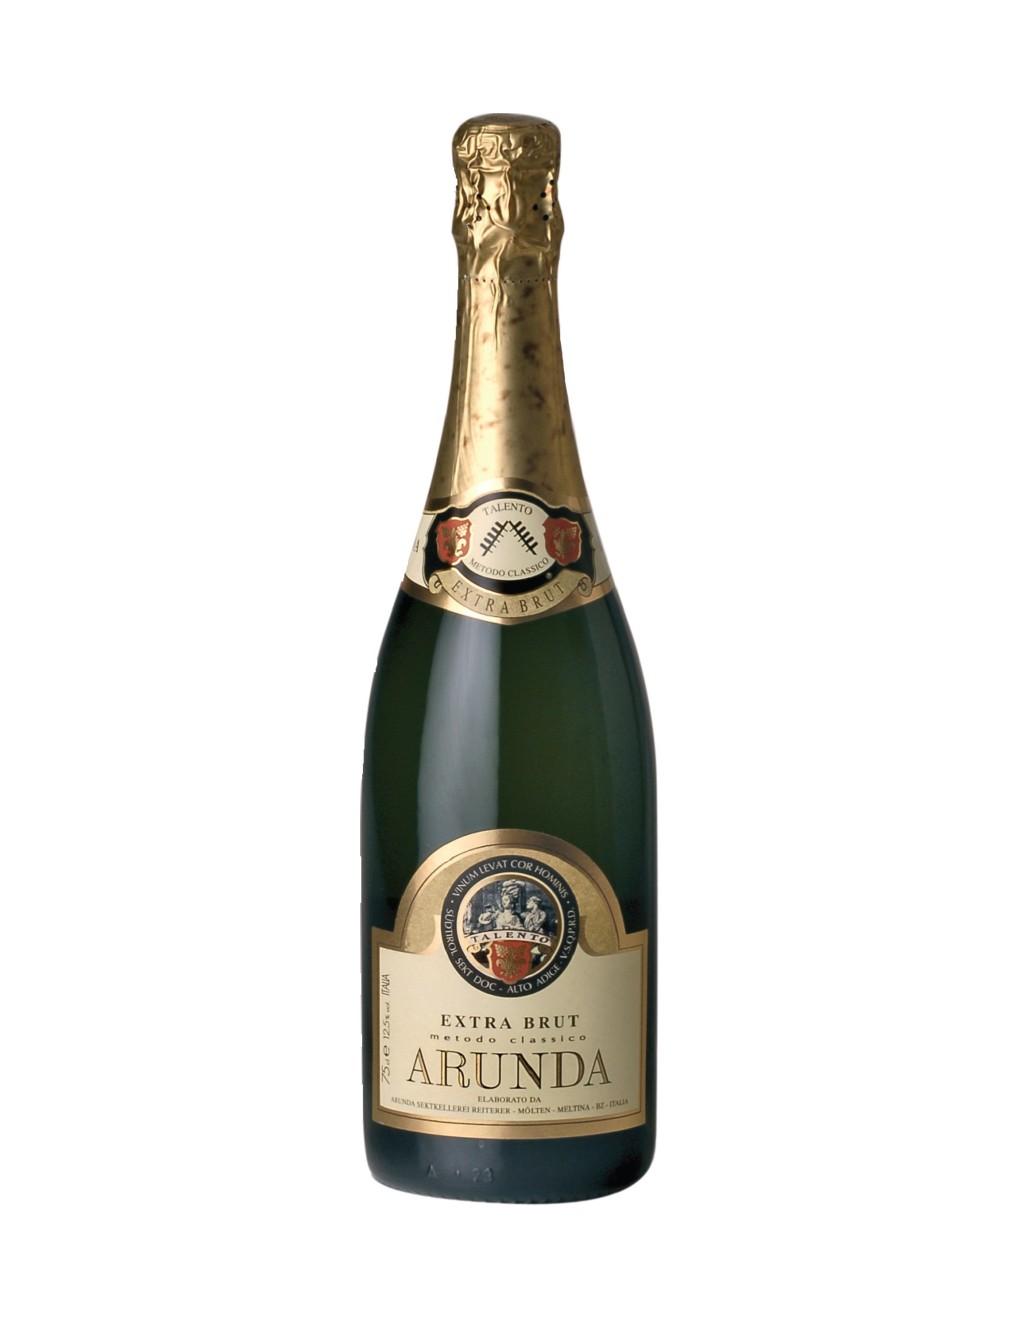 Bottiglia di Extra Brut Metodo Classico della cantina Arunda